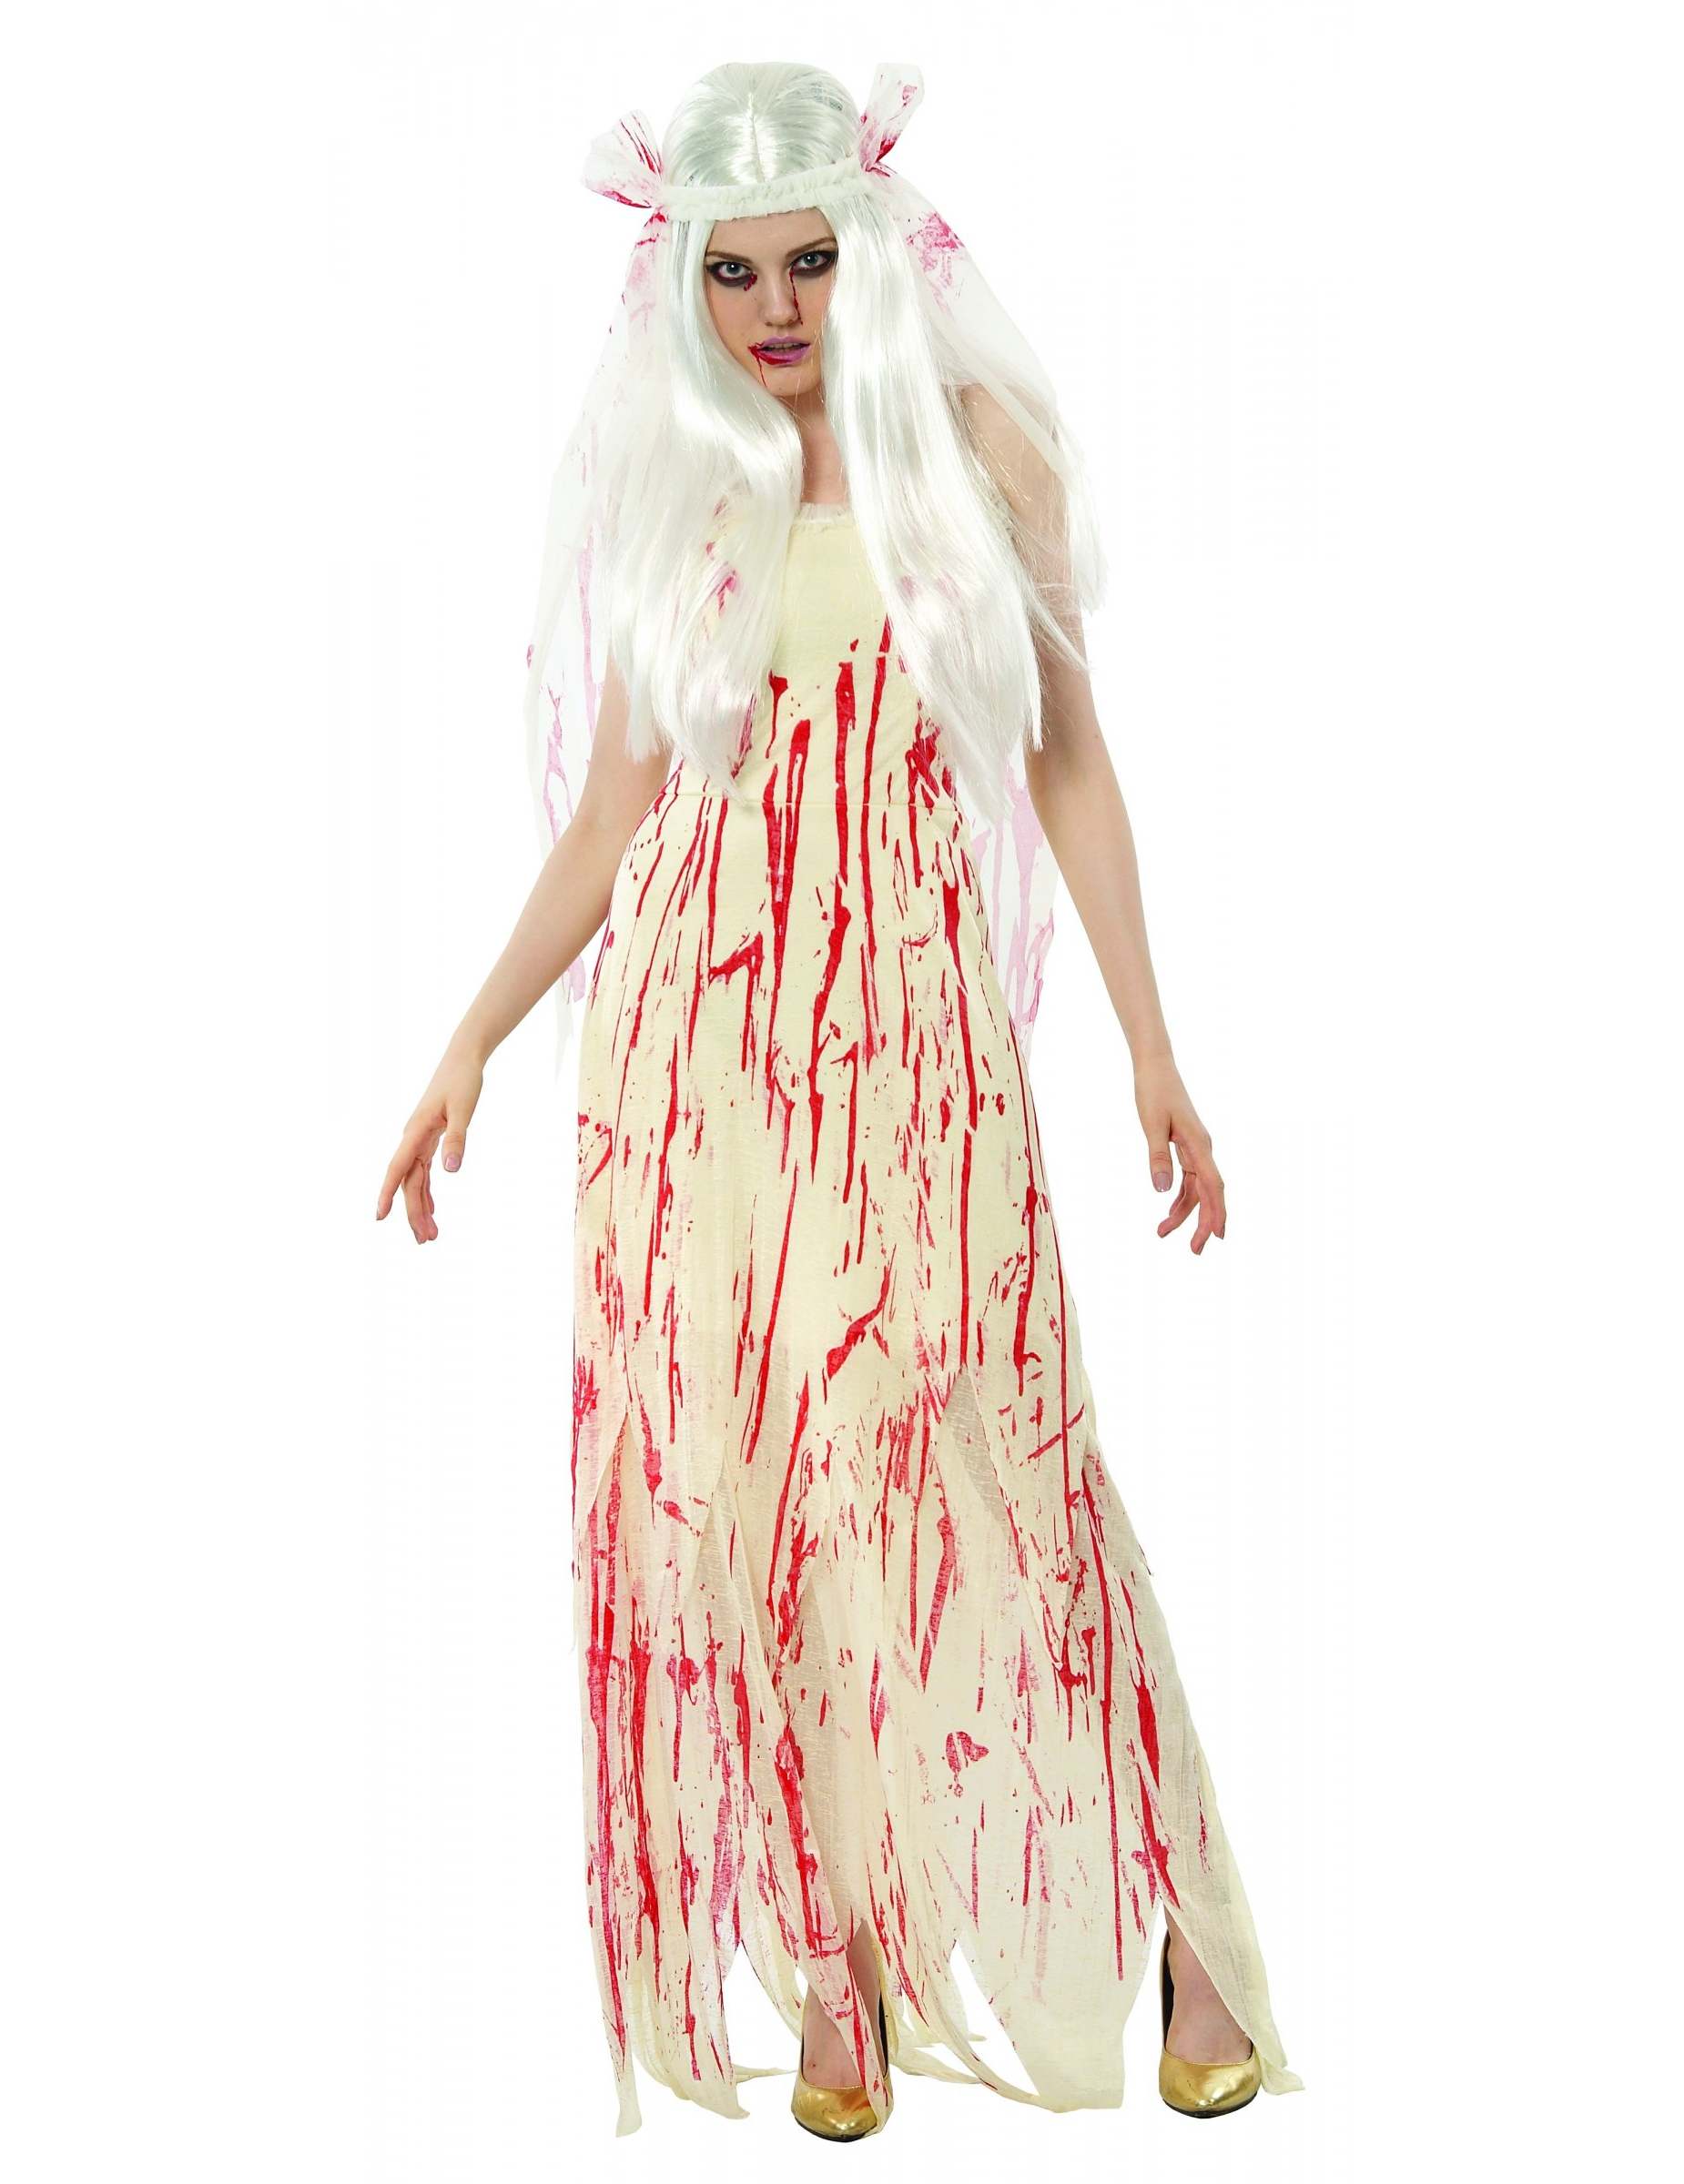 Bloody Bride Costume Halloween